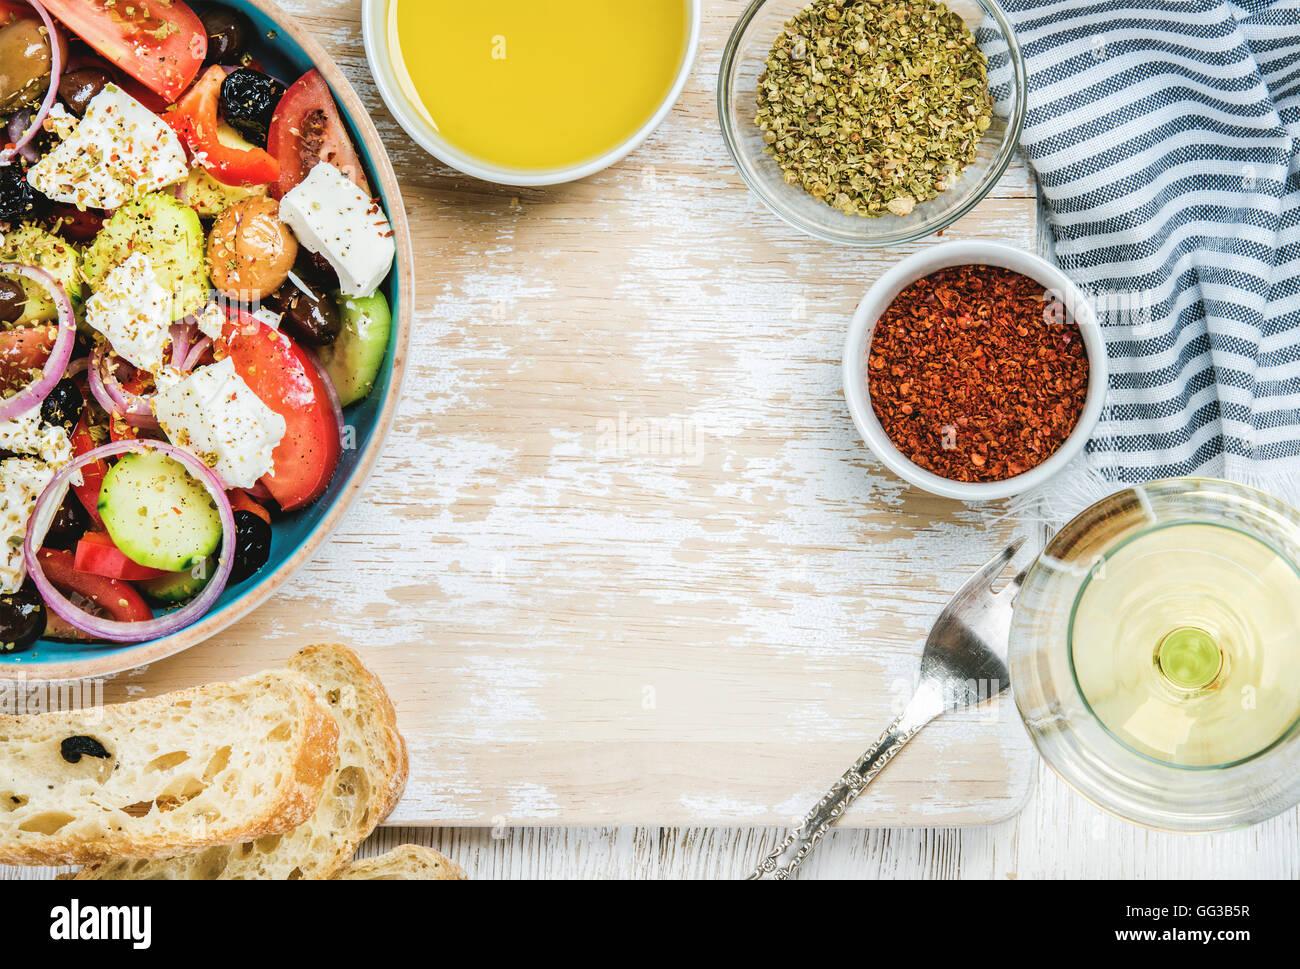 Salade grecque avec de l'huile d'olive, du pain, des herbes et du vin blanc Photo Stock